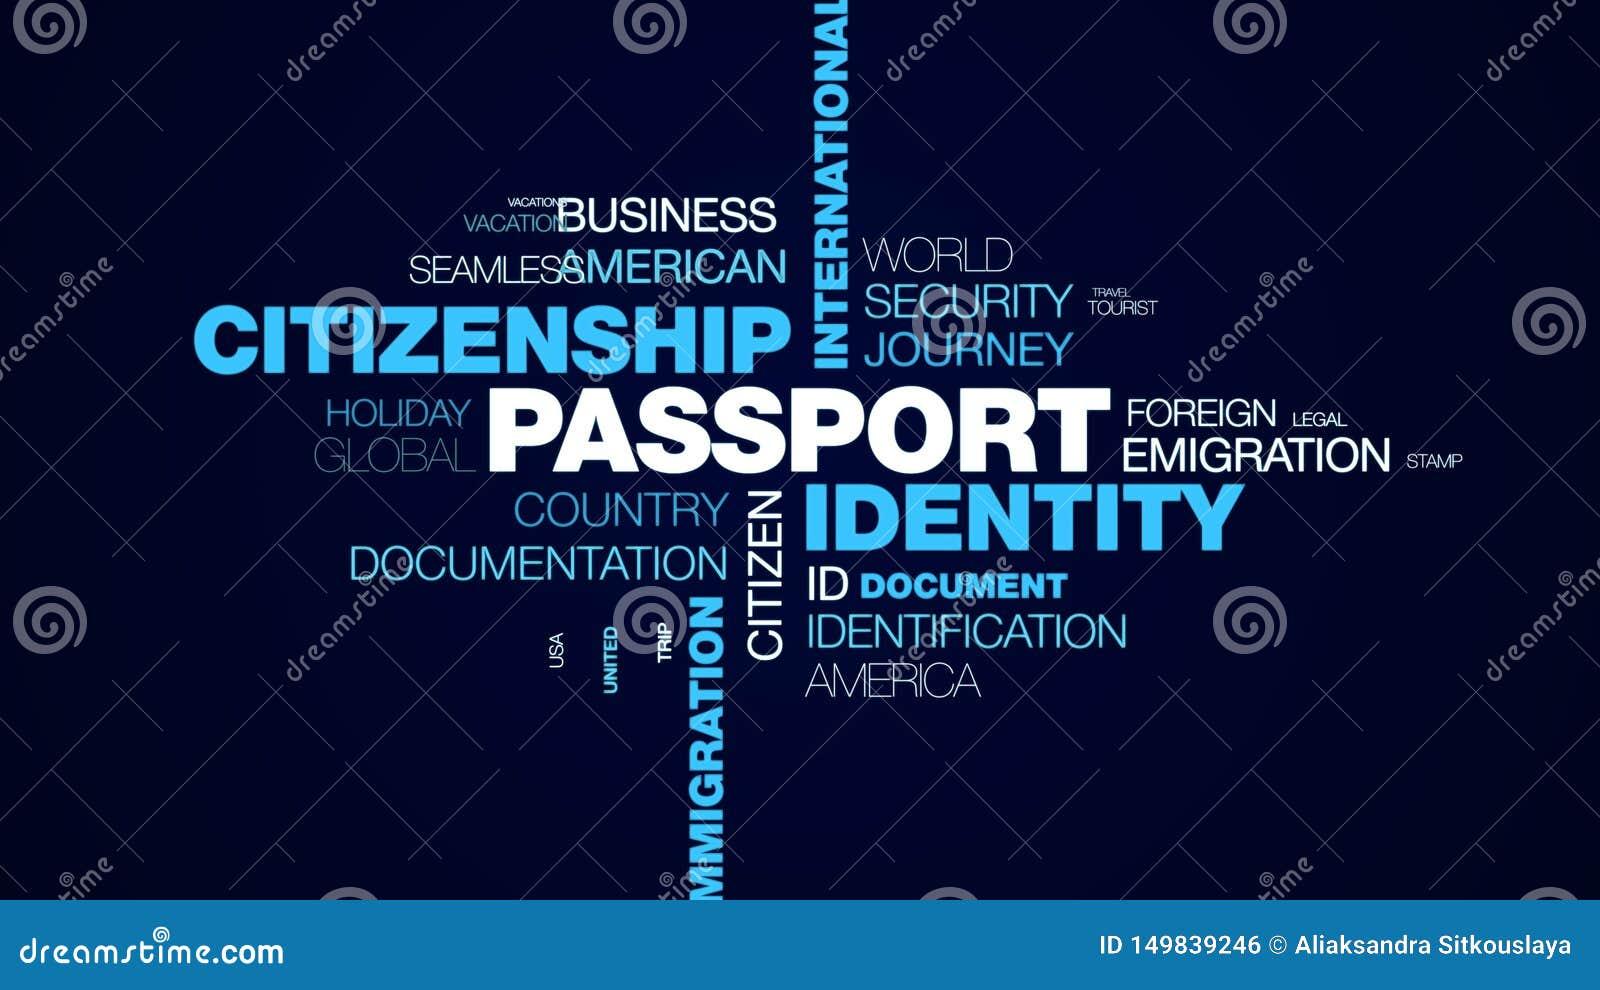 护照身分公民身份国境正式机场风俗离开移民目的地赋予了生命